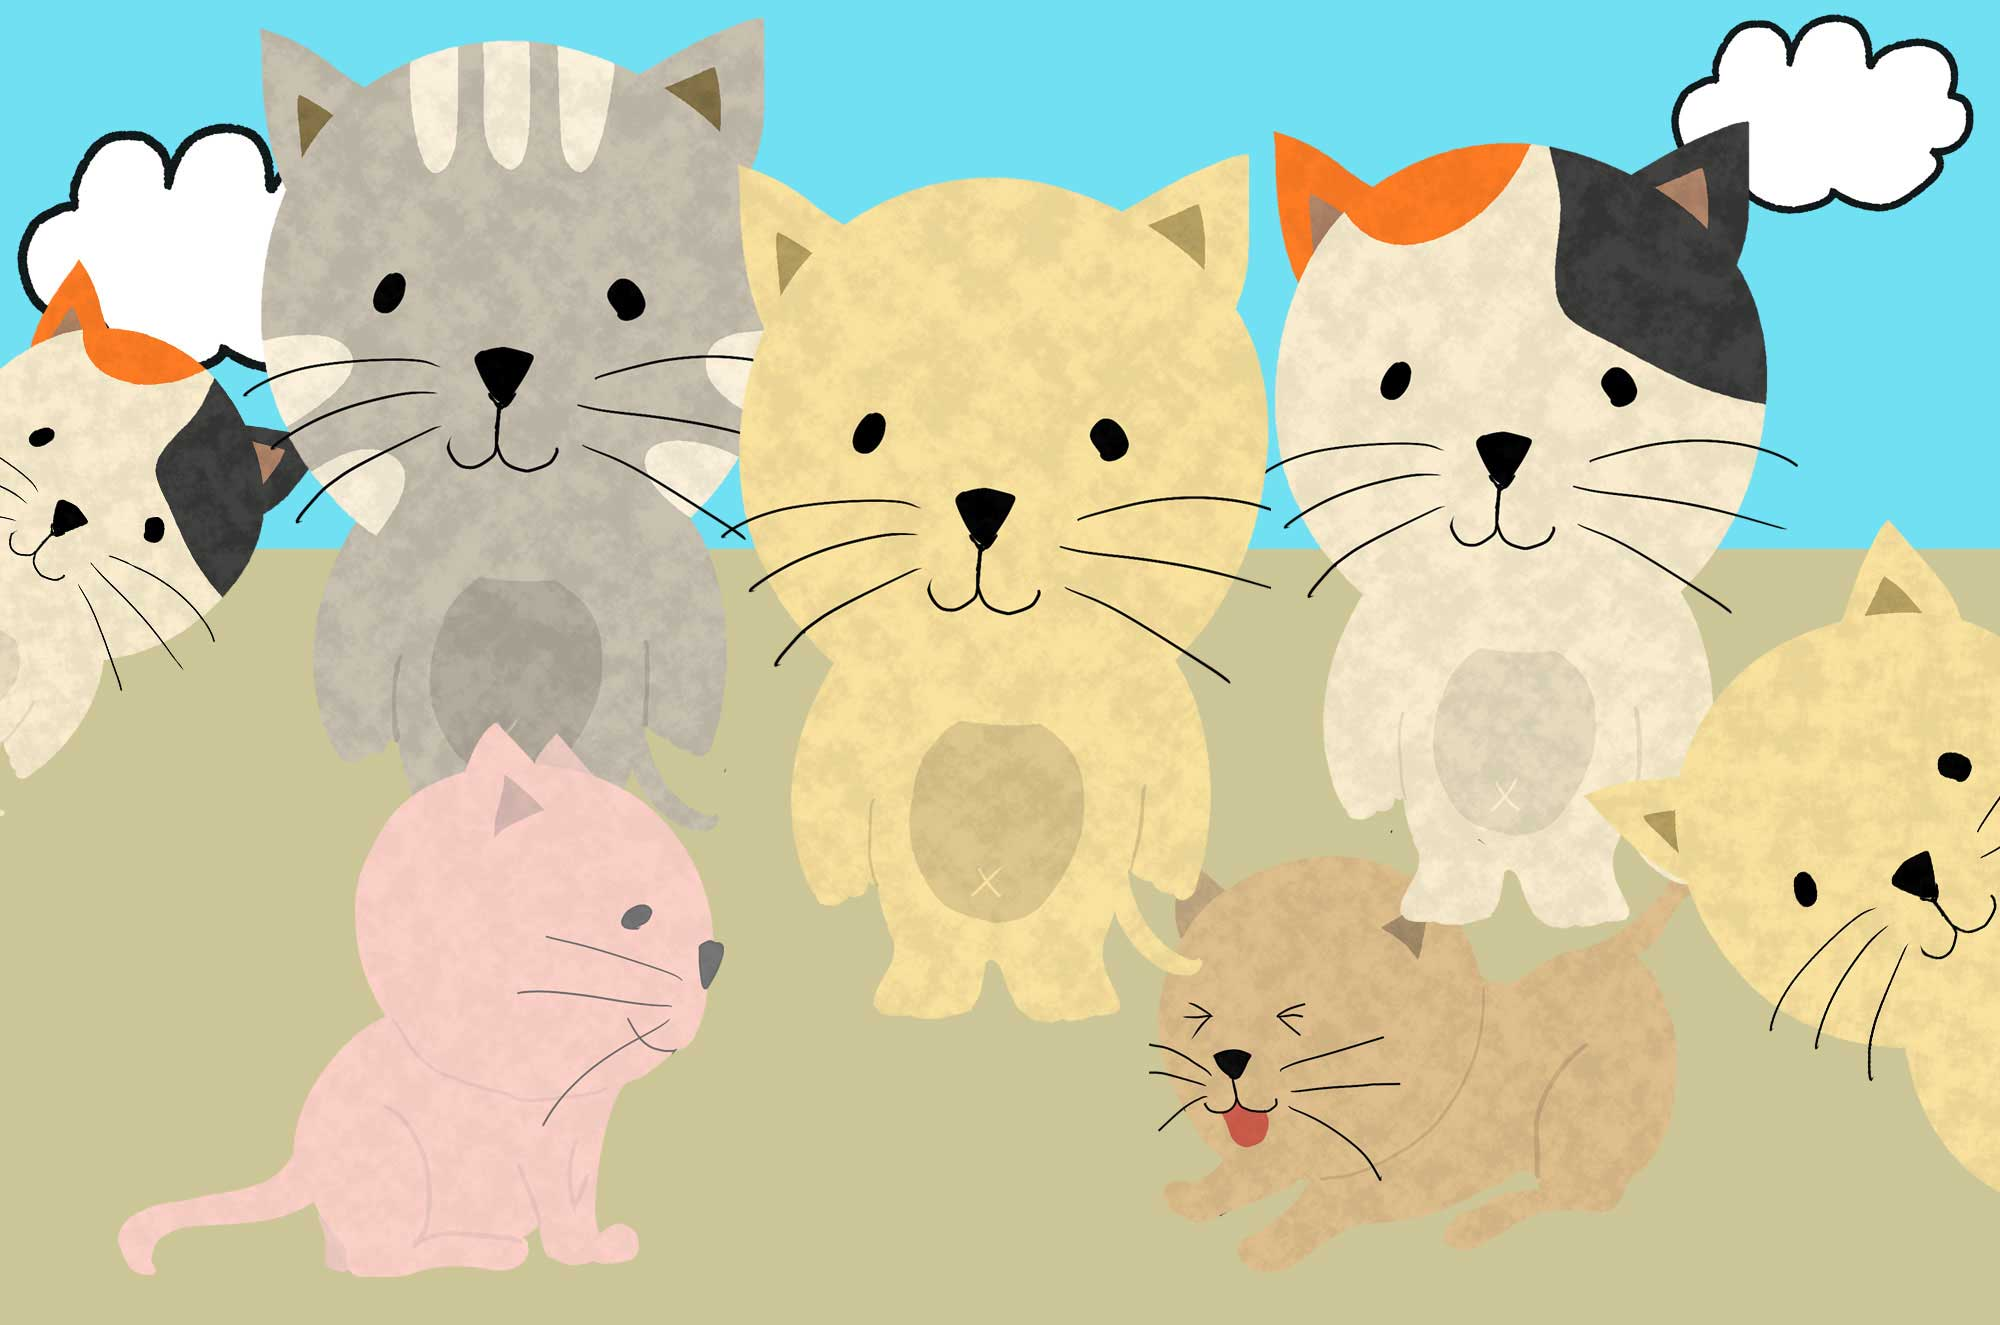 かわいい猫のイラスト - 笑う・怒る・悲しいおもしろ素材